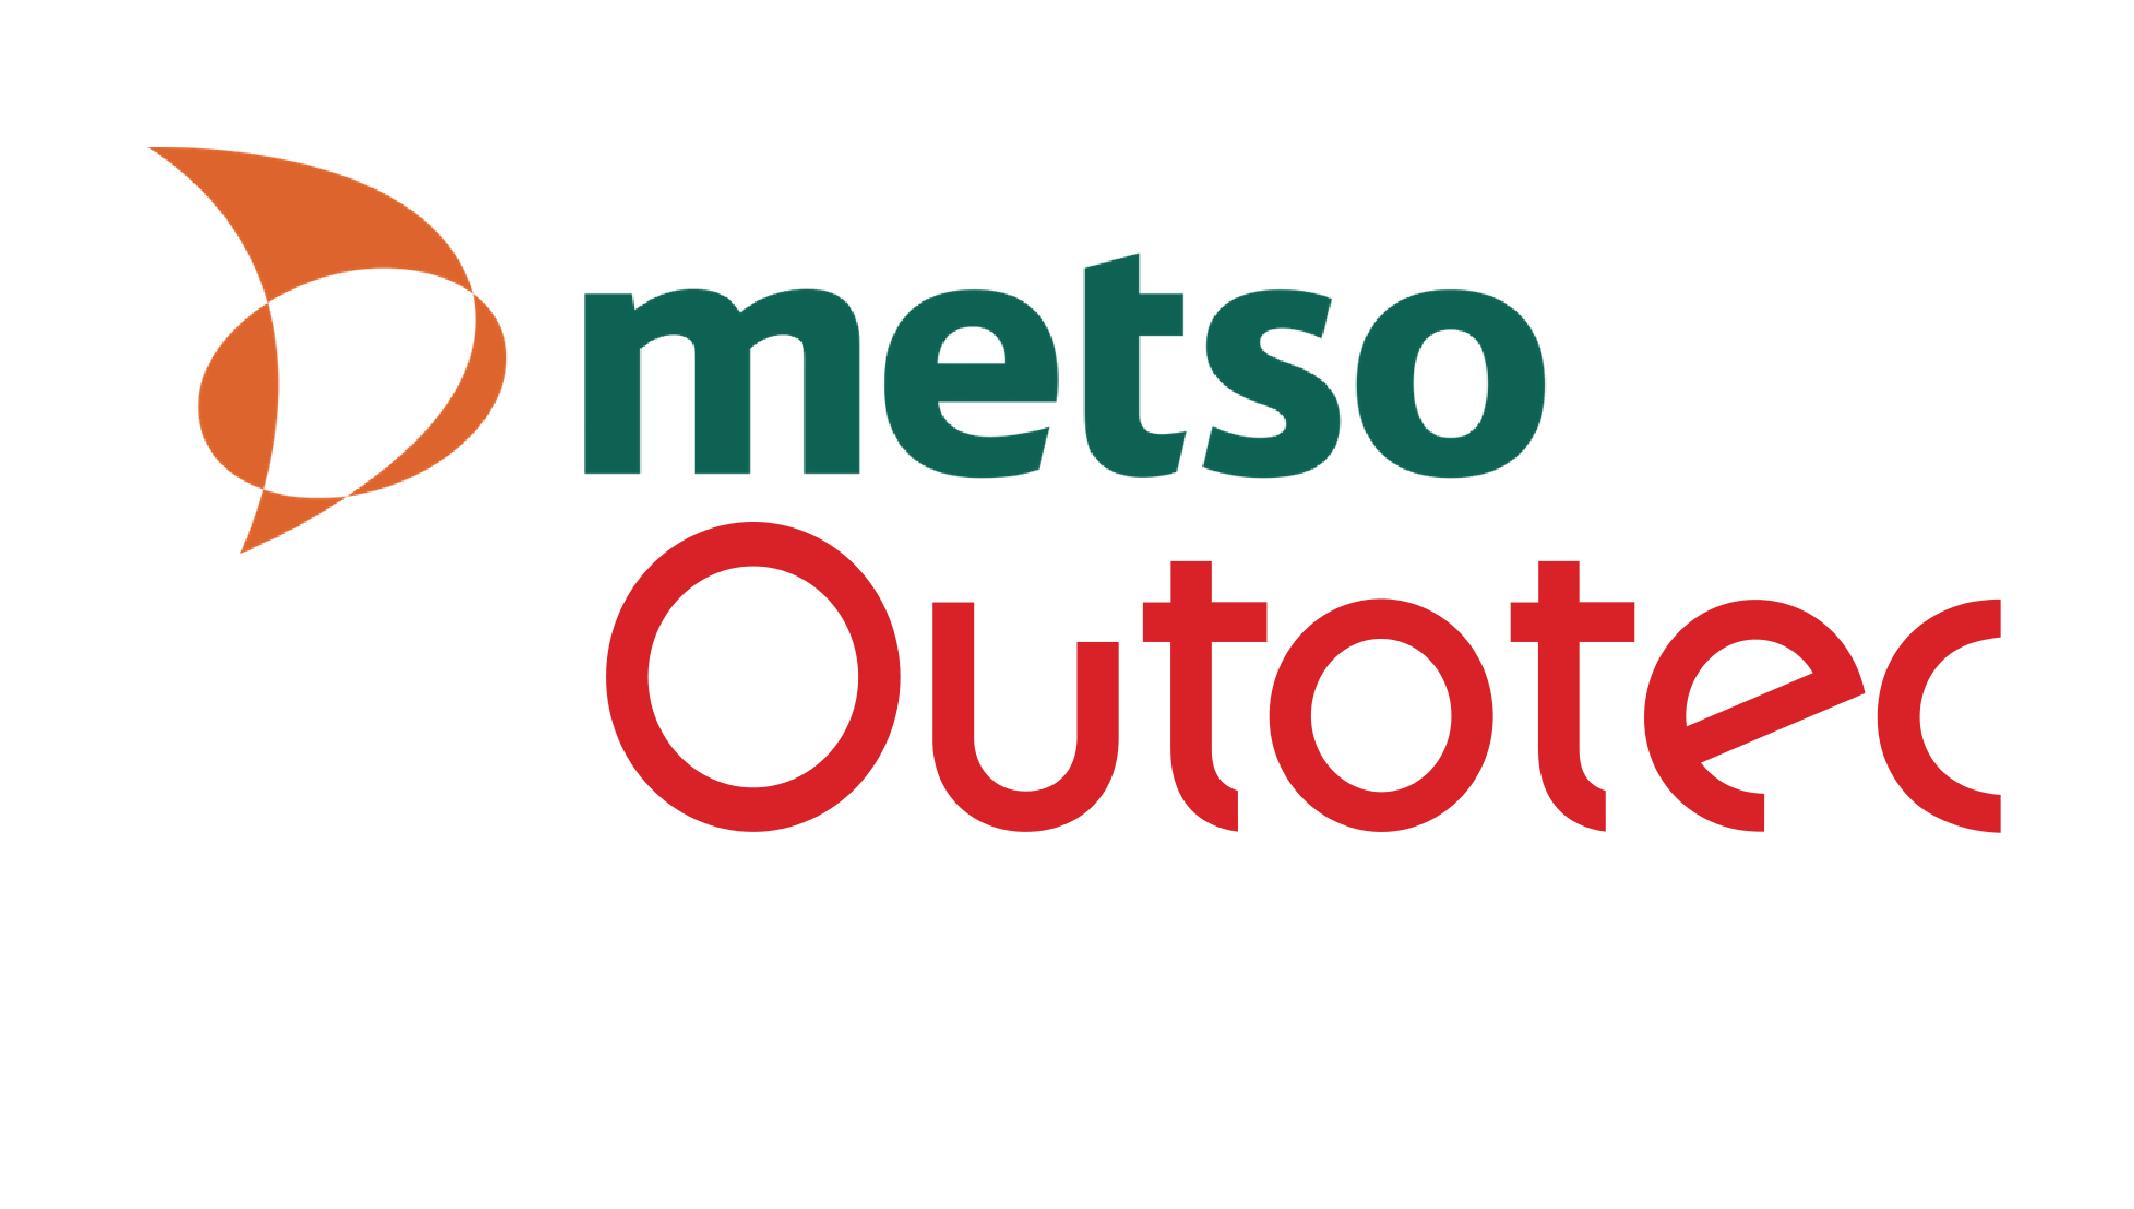 Metso Outotec